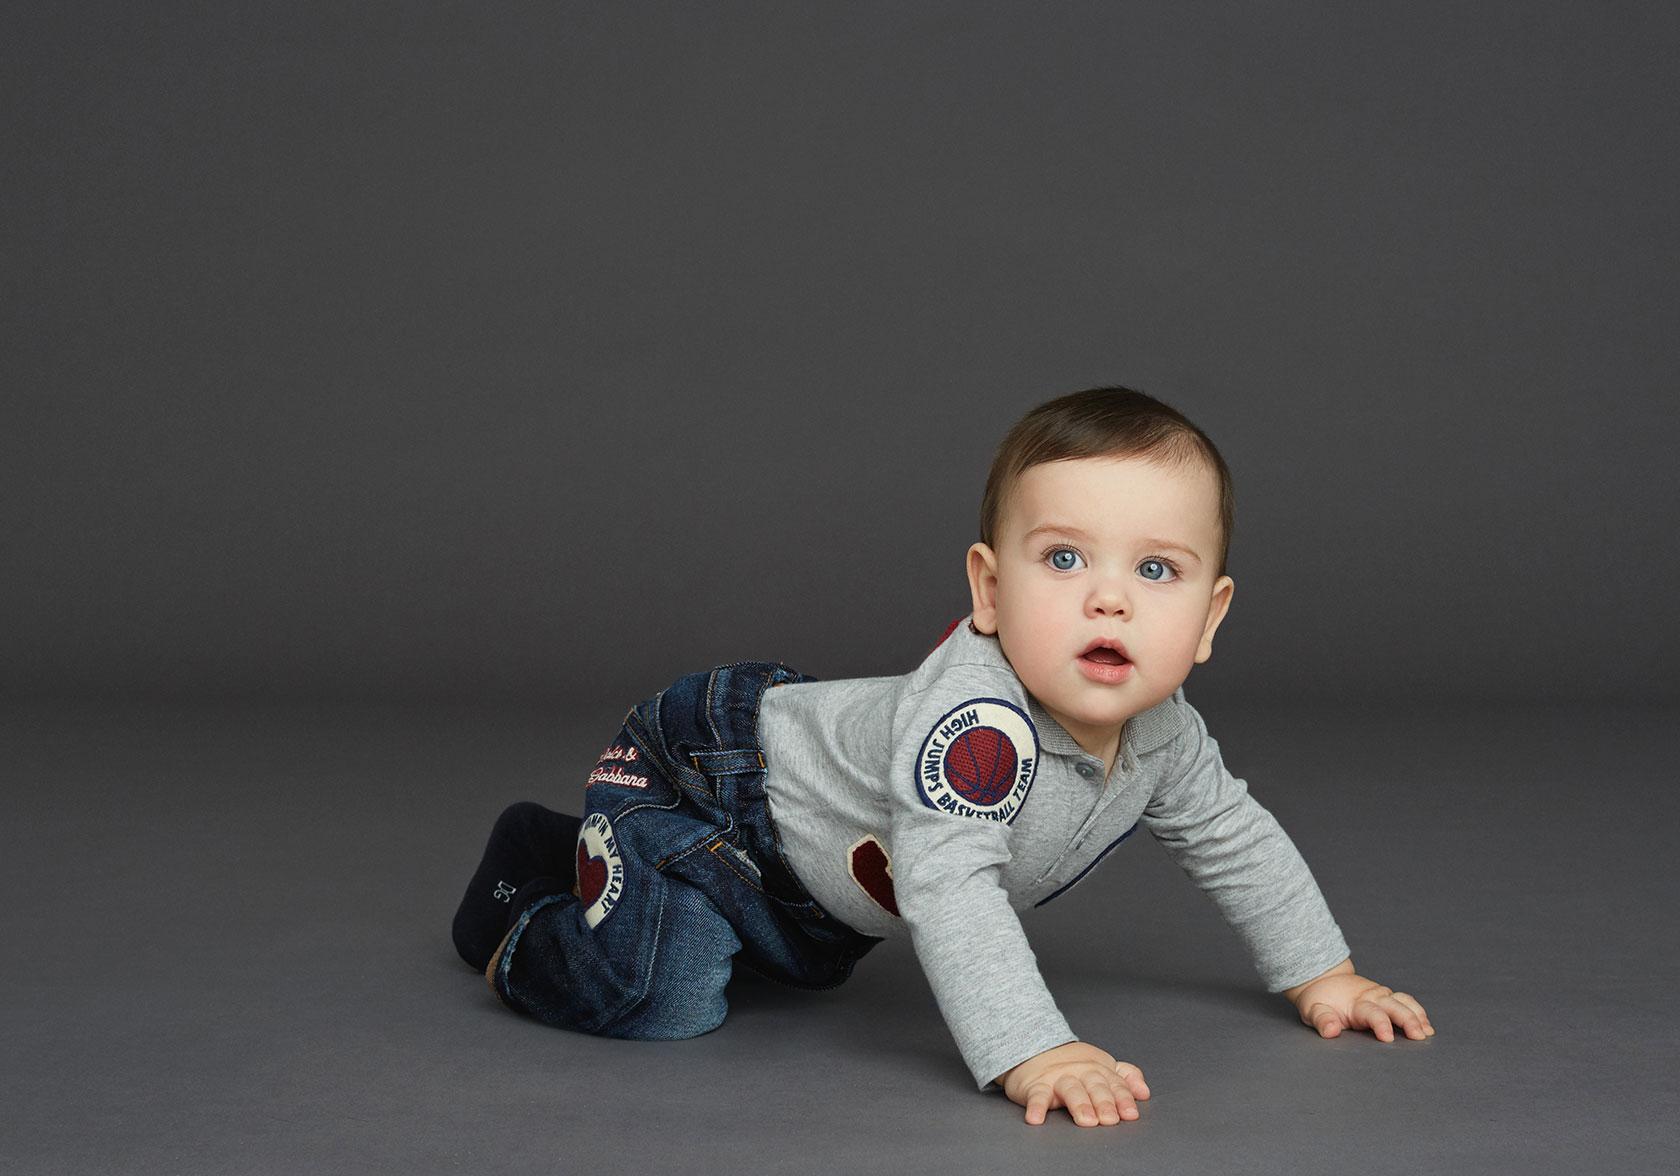 بالصور اجمل ملابس اطفال 2019 , ارقى الازياء للاولاد والبنات 520 4